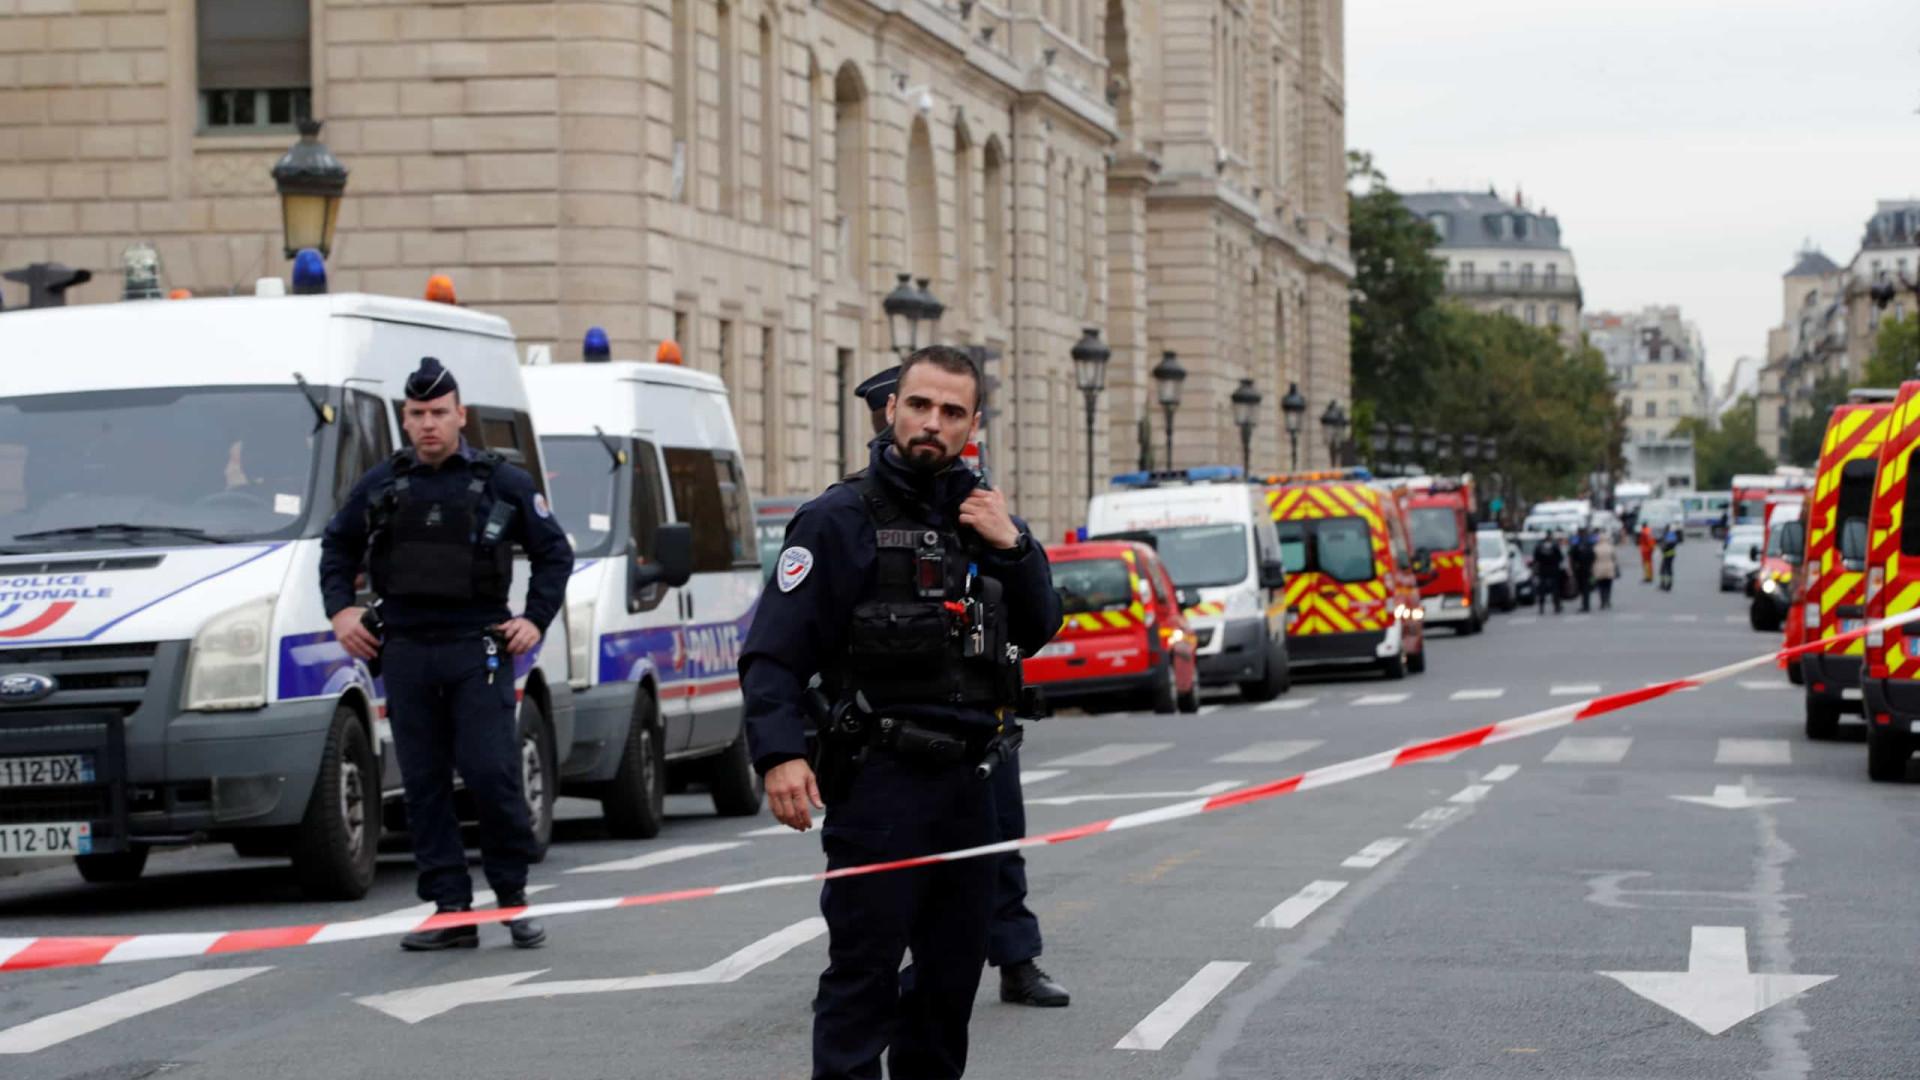 Homem que matou polícias em Paris pode ter ligações terroristas